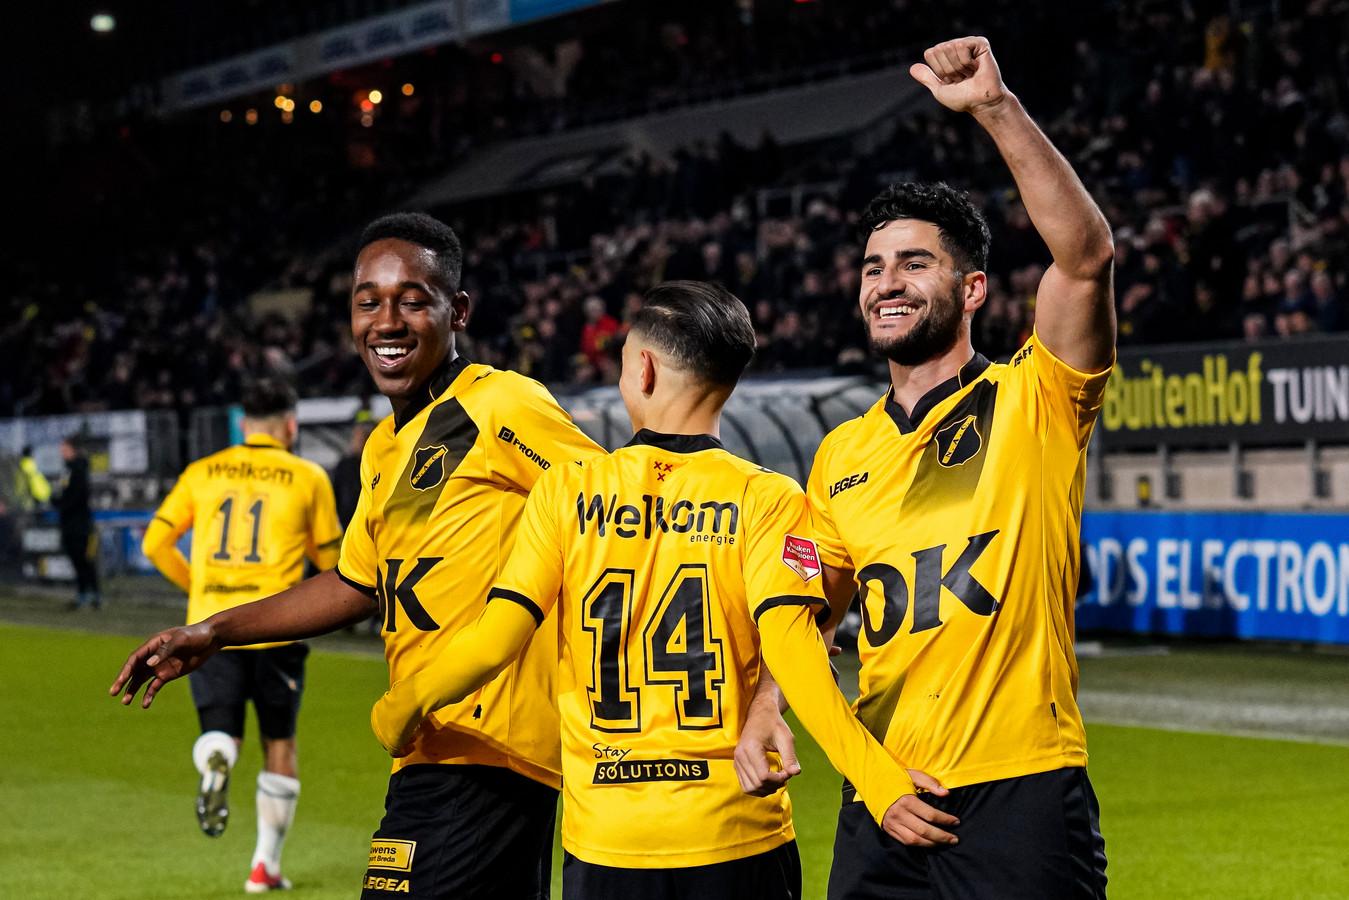 Mashart, Boussaid en Dogan na de 1-0 tegen MVV.